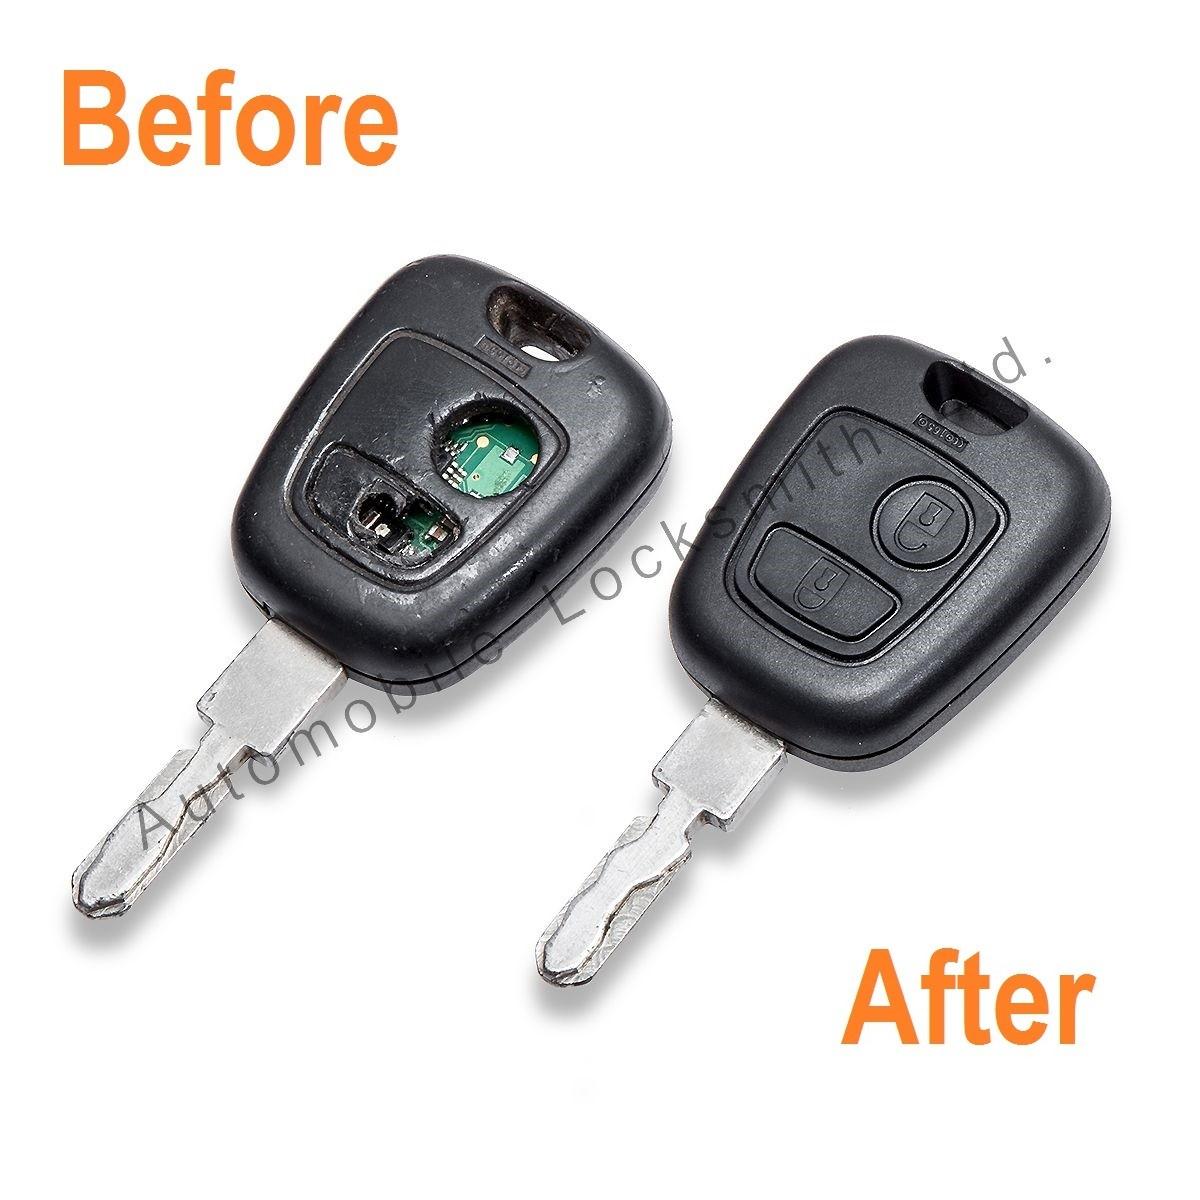 Repair Service for Peugeot Citroen 2 button remote key